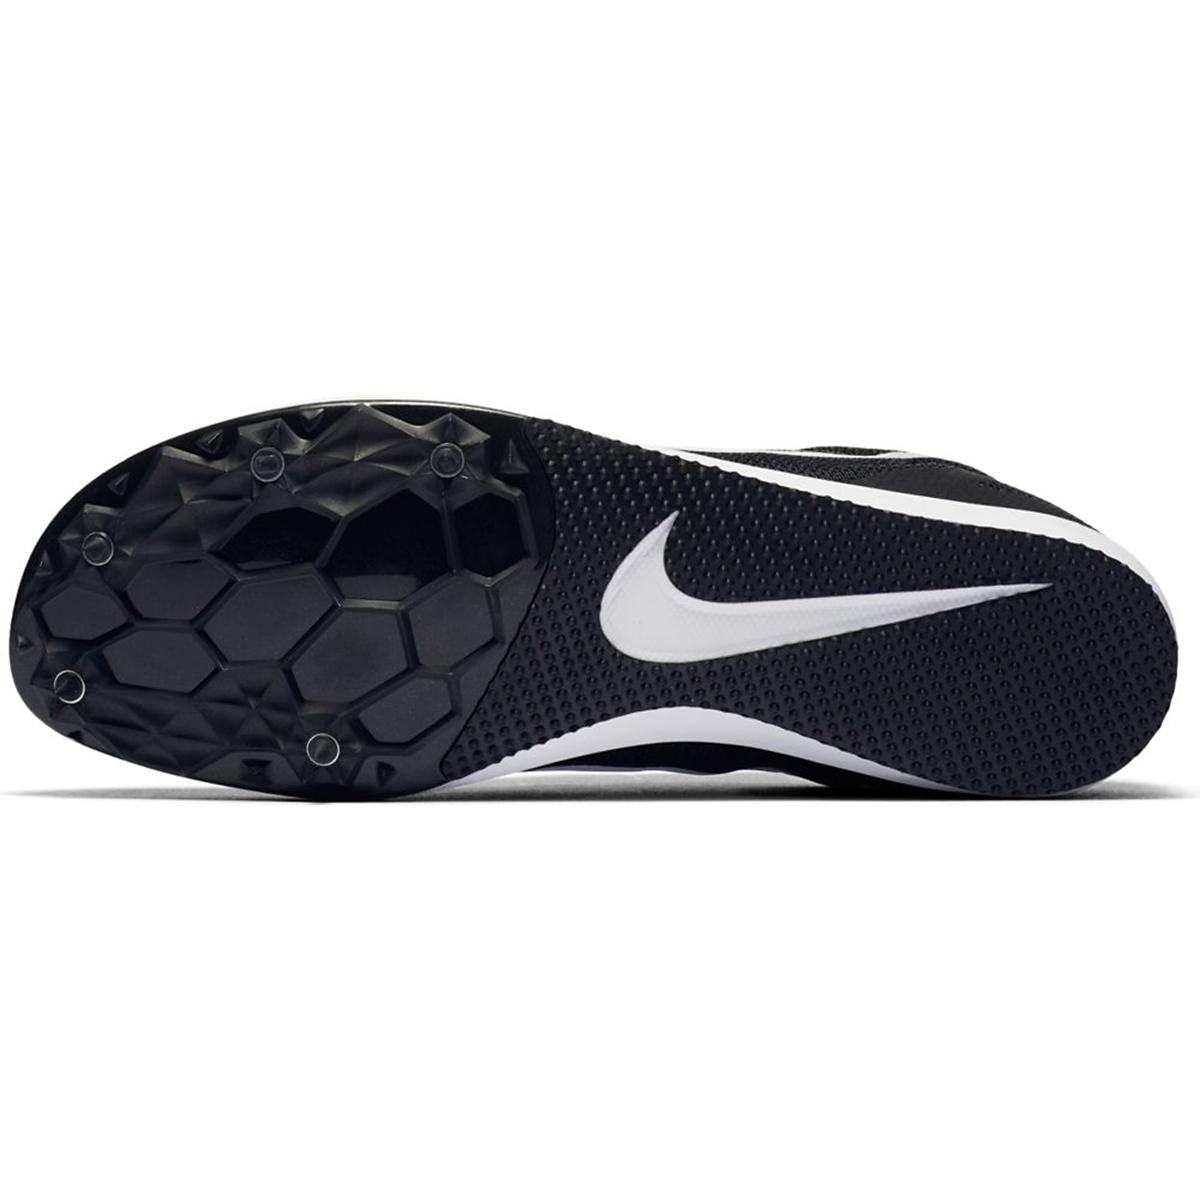 Nike Zoom Rival D Track Spikes - Color: Black/White/Volt - Size: 5 - Width: Regular, Black/White/Volt, large, image 2